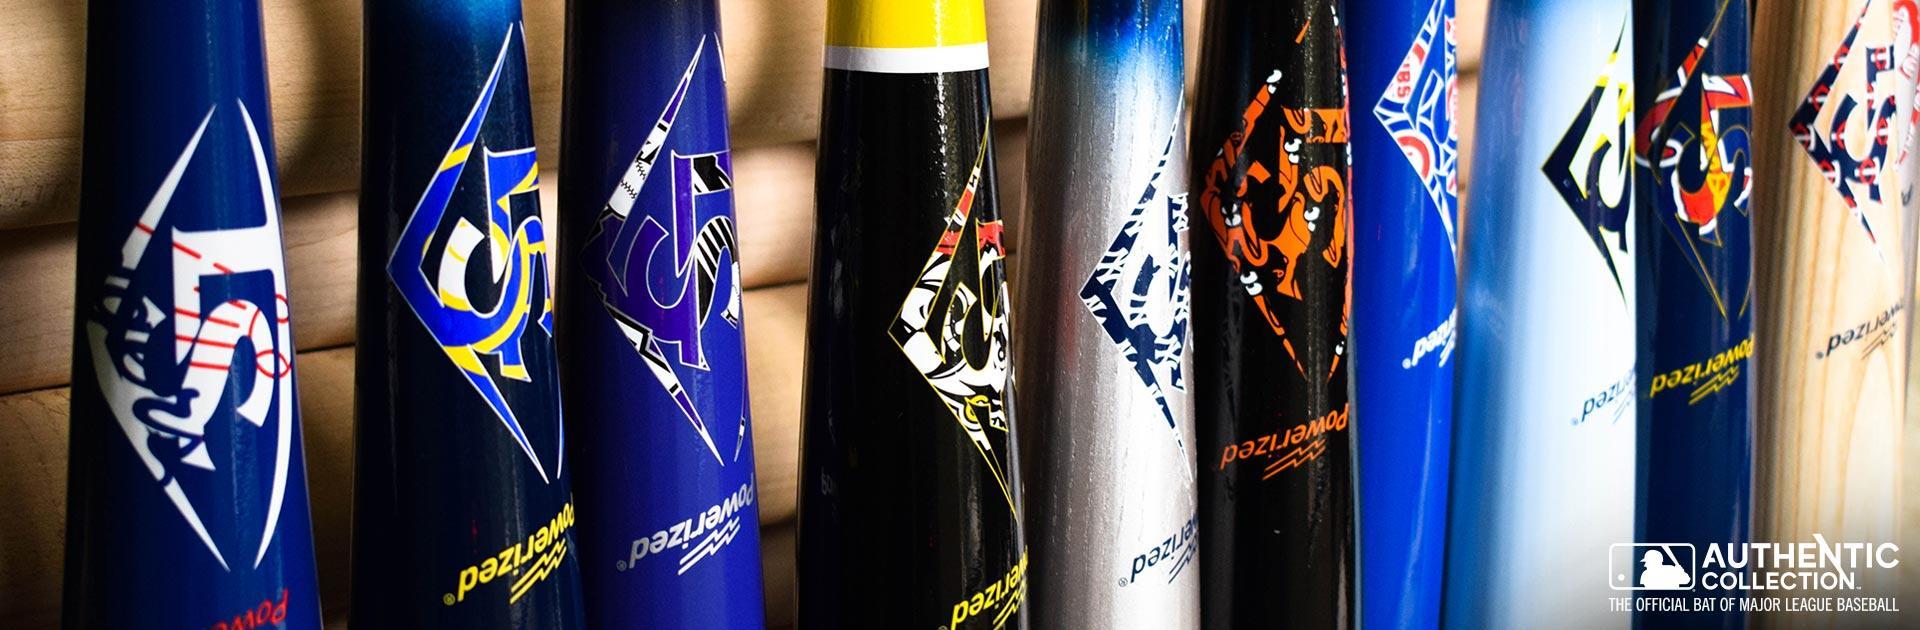 Lineup of Slugger Bats